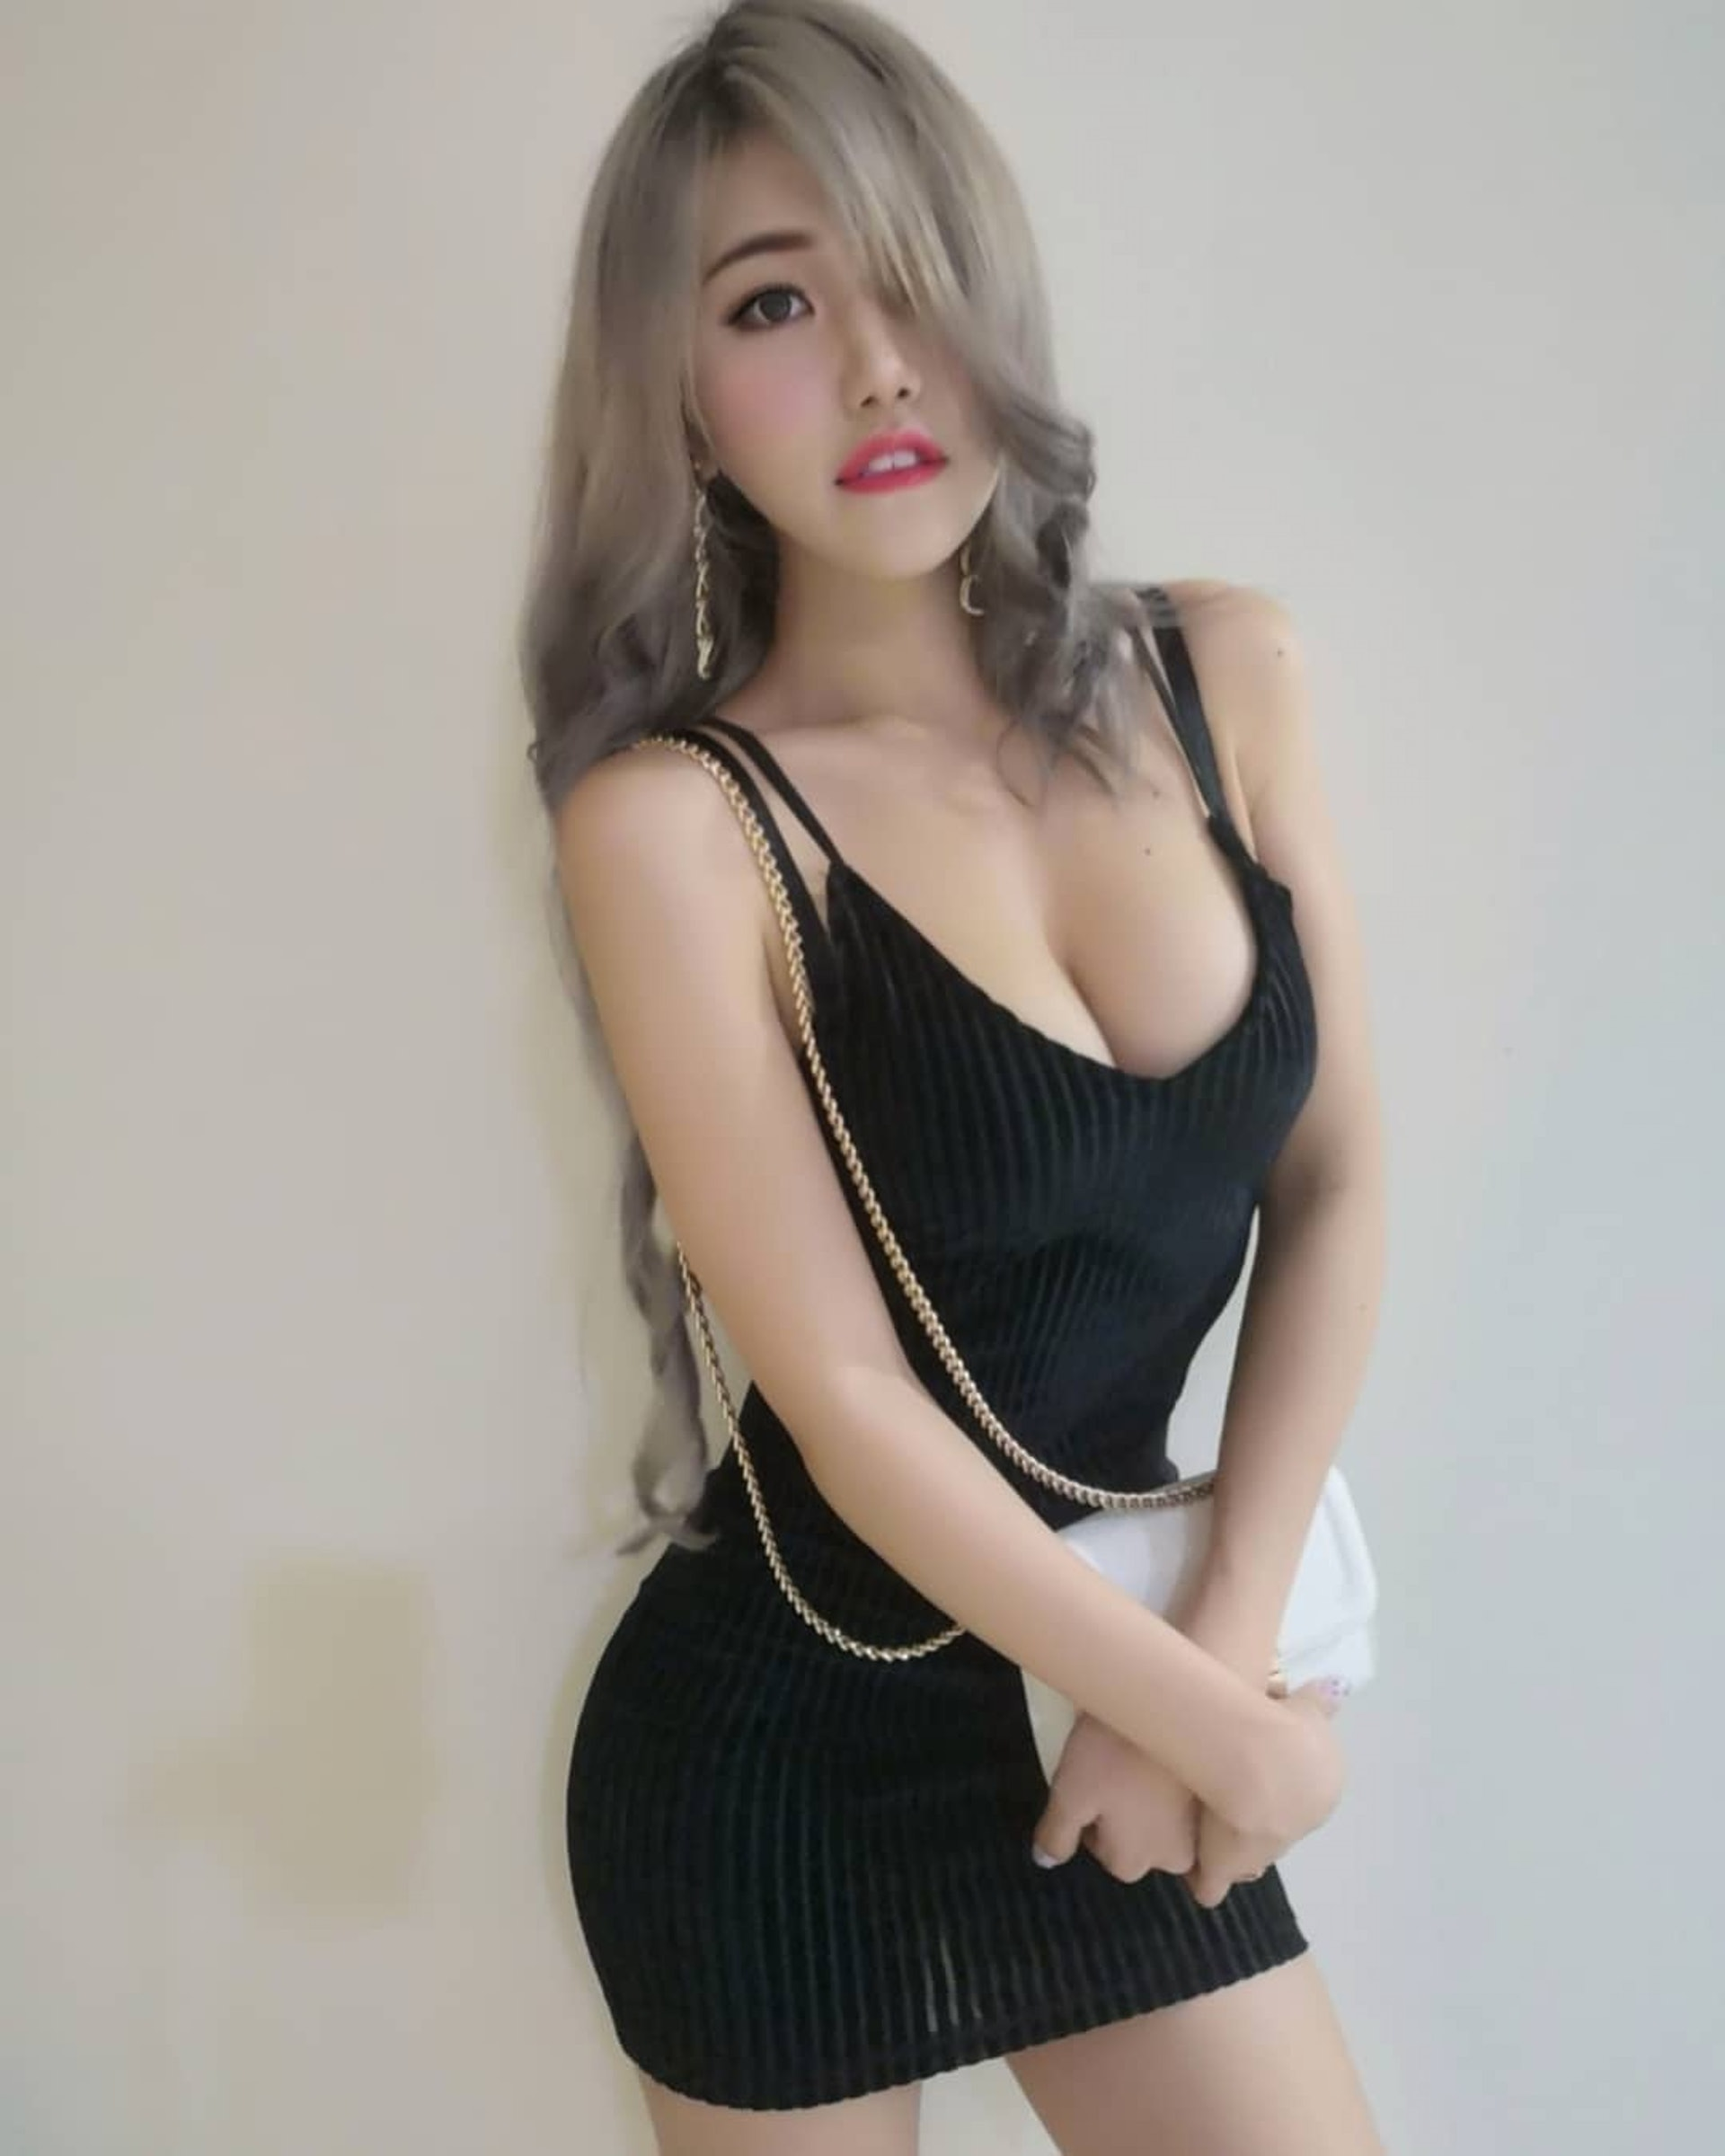 甚至不少網民覺得她過份賣弄,你又點睇呢?(IG@Pui Yi糖糖)